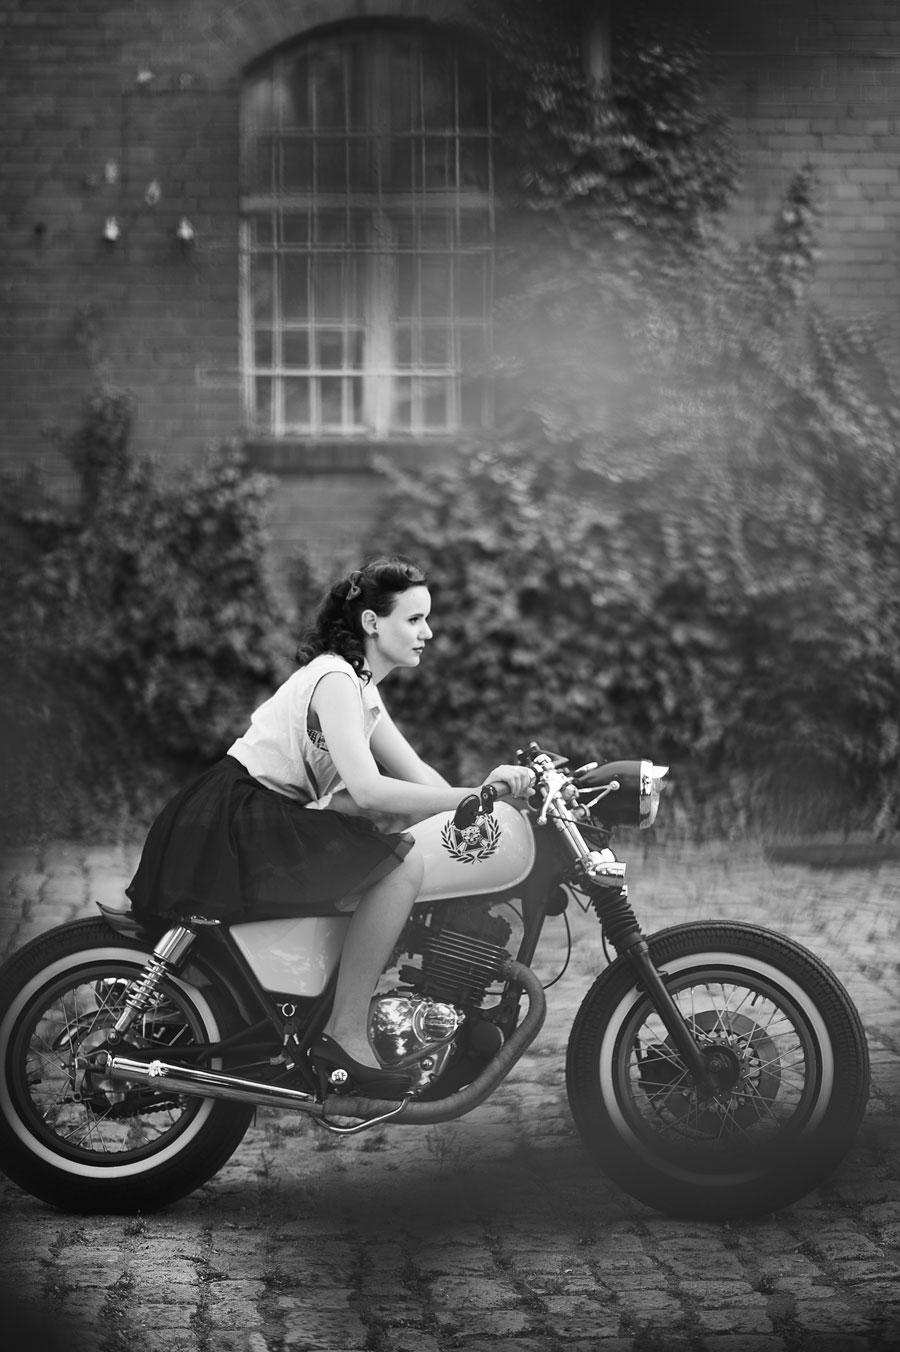 motocykl retro